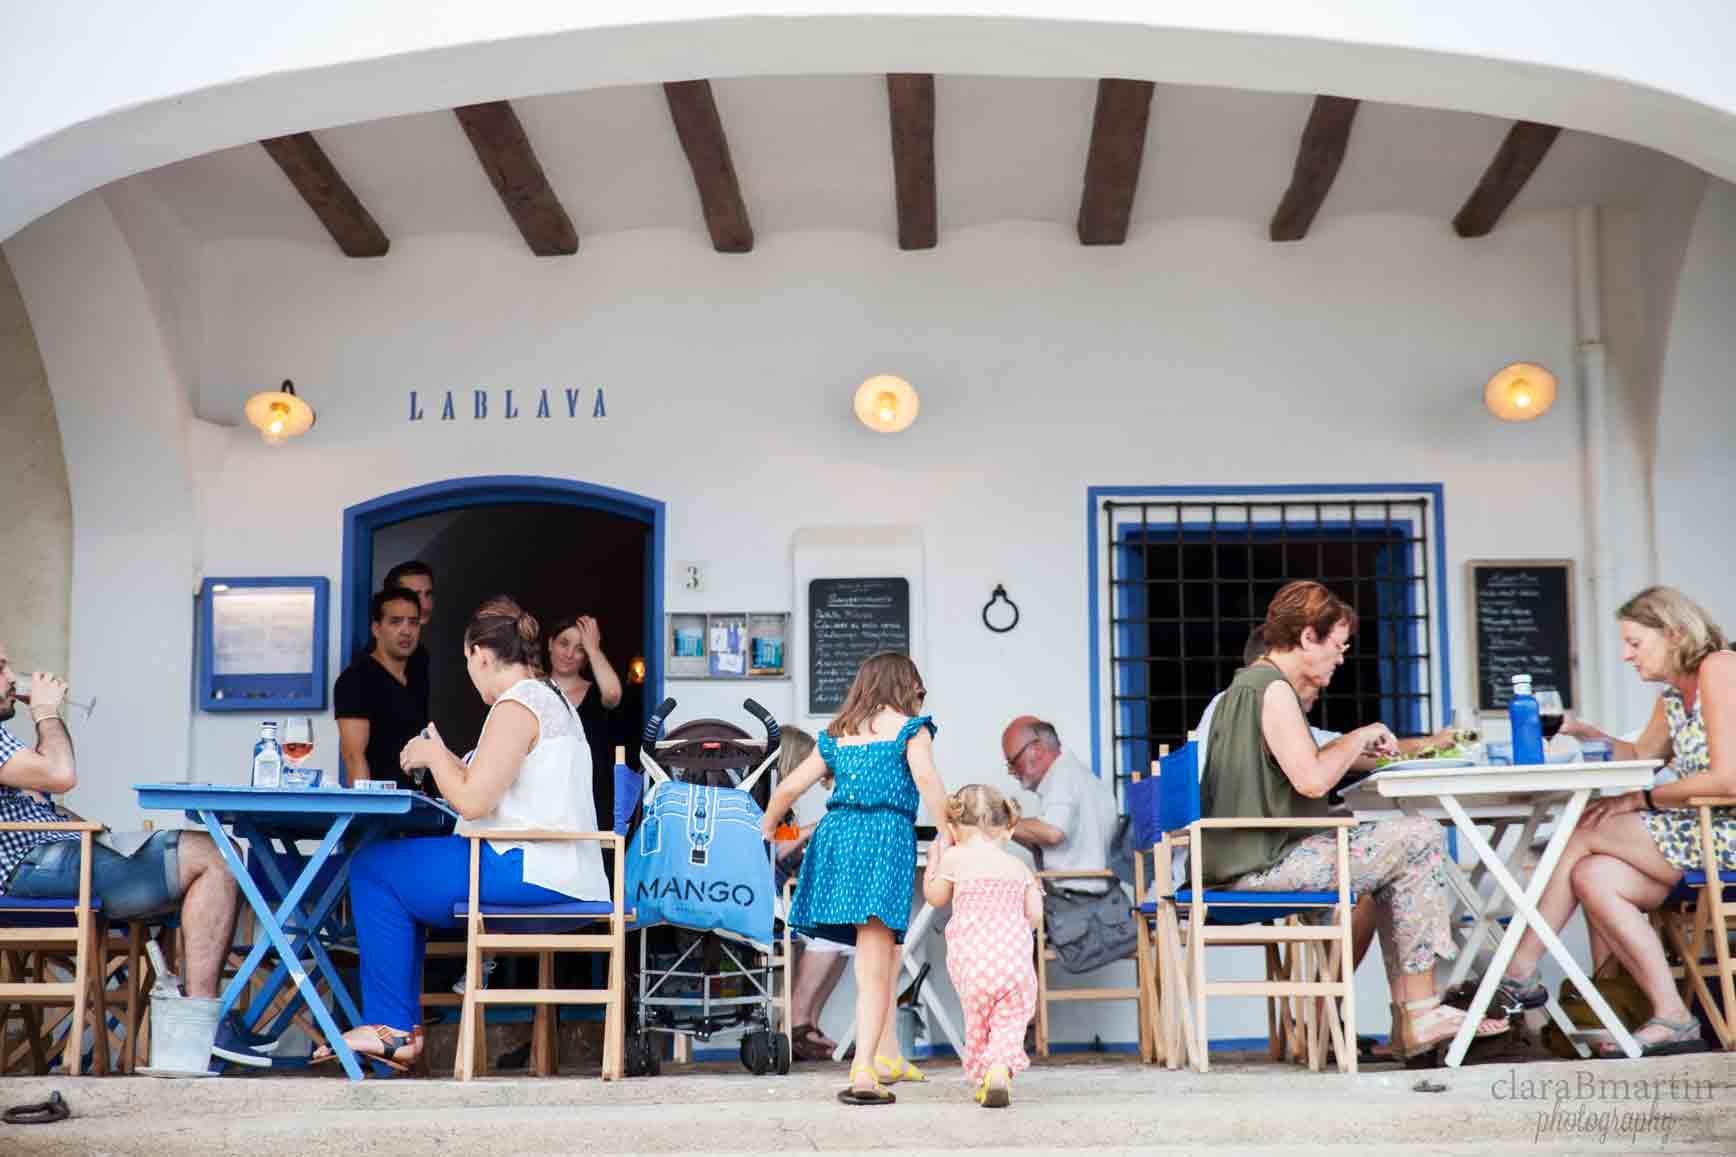 Costa-Brava-Calella-Palafrugell-claraBmartin-18